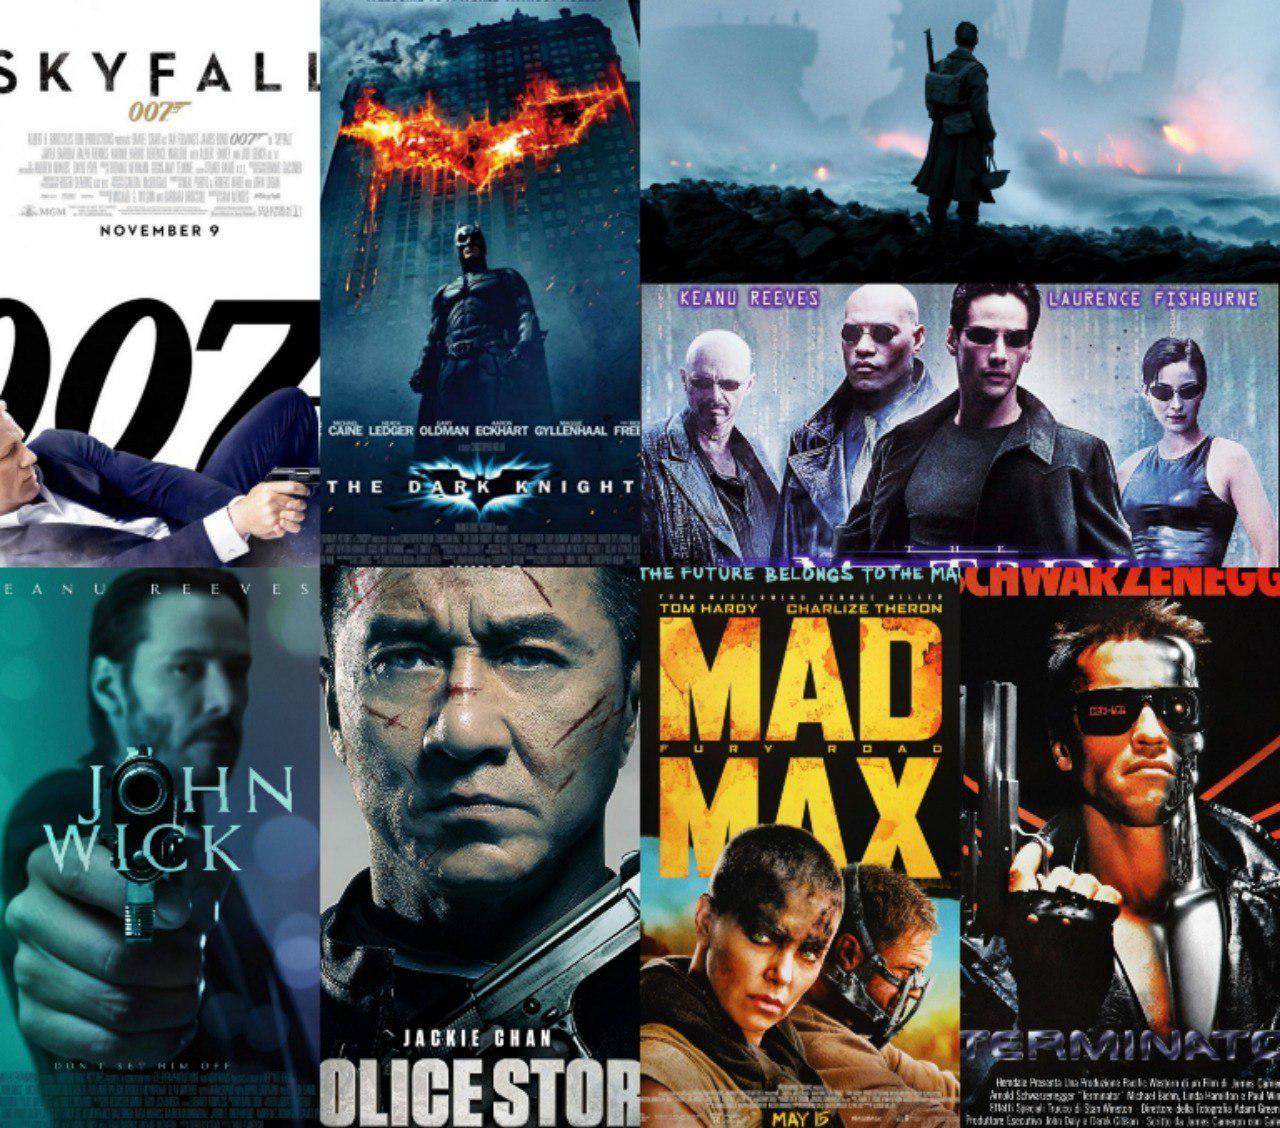 افلام خيال علمي,افلام قتال,افلام خيال,افلام,فيلم الاكشن,الافلام المترجمة,أفلام البحر özcan,افلام الغموض,افلام 2019 المنتظرة,افلام تحفيزية,افلام الجريمة,افلام 4k,افلام hd,اقوى افلام المغامرات,افلام اكشن قتال,افلام رعب,افضل افلام السحر,فلم البطل الخارق,افلام تحفيزية عن النجاح,افلام اكشن,افلام 2017,افلام 2019,فيلم درامي,افلام عربي,افلام غموض,اقوى افلام الاكشن,افضل افلام الخيال,أفلام المغامرات,افلام الغموض 2019,افلام الاكشن و المغامرات